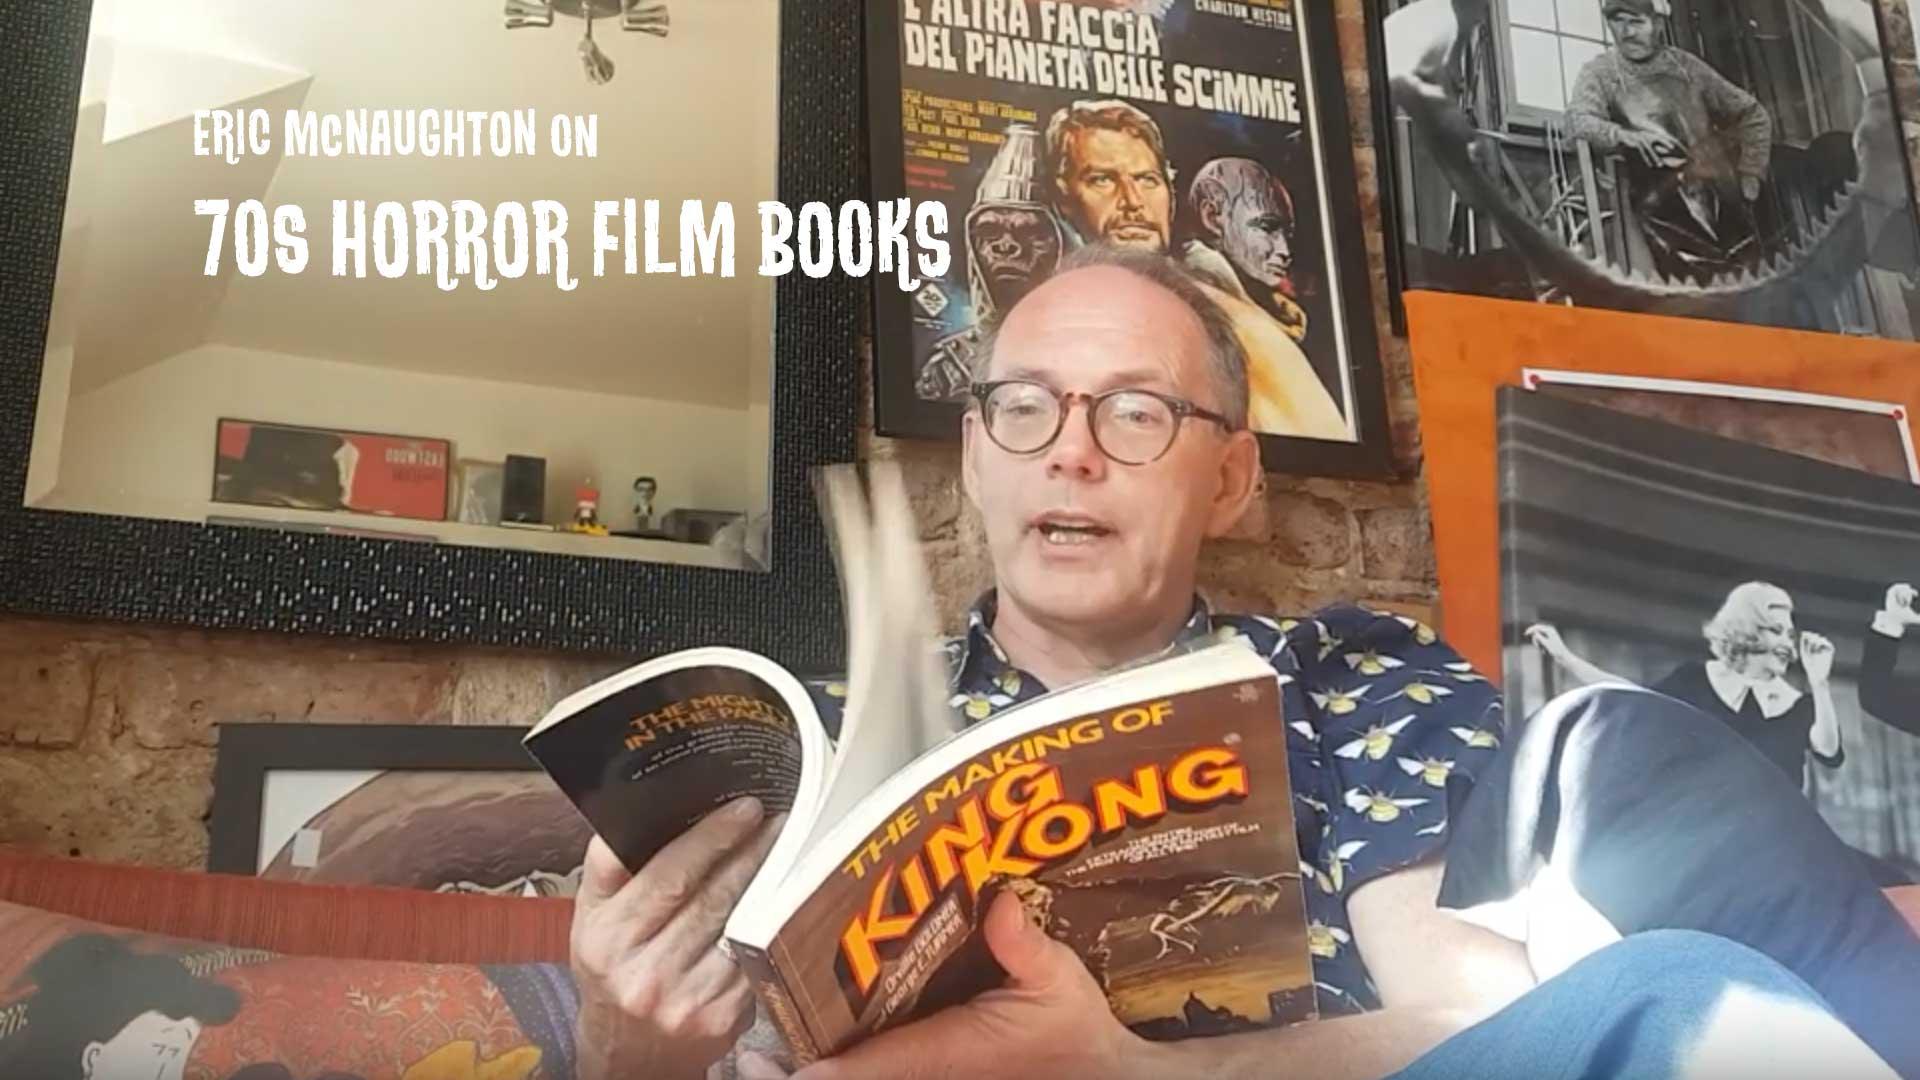 YouTube 70s Horror Film Books